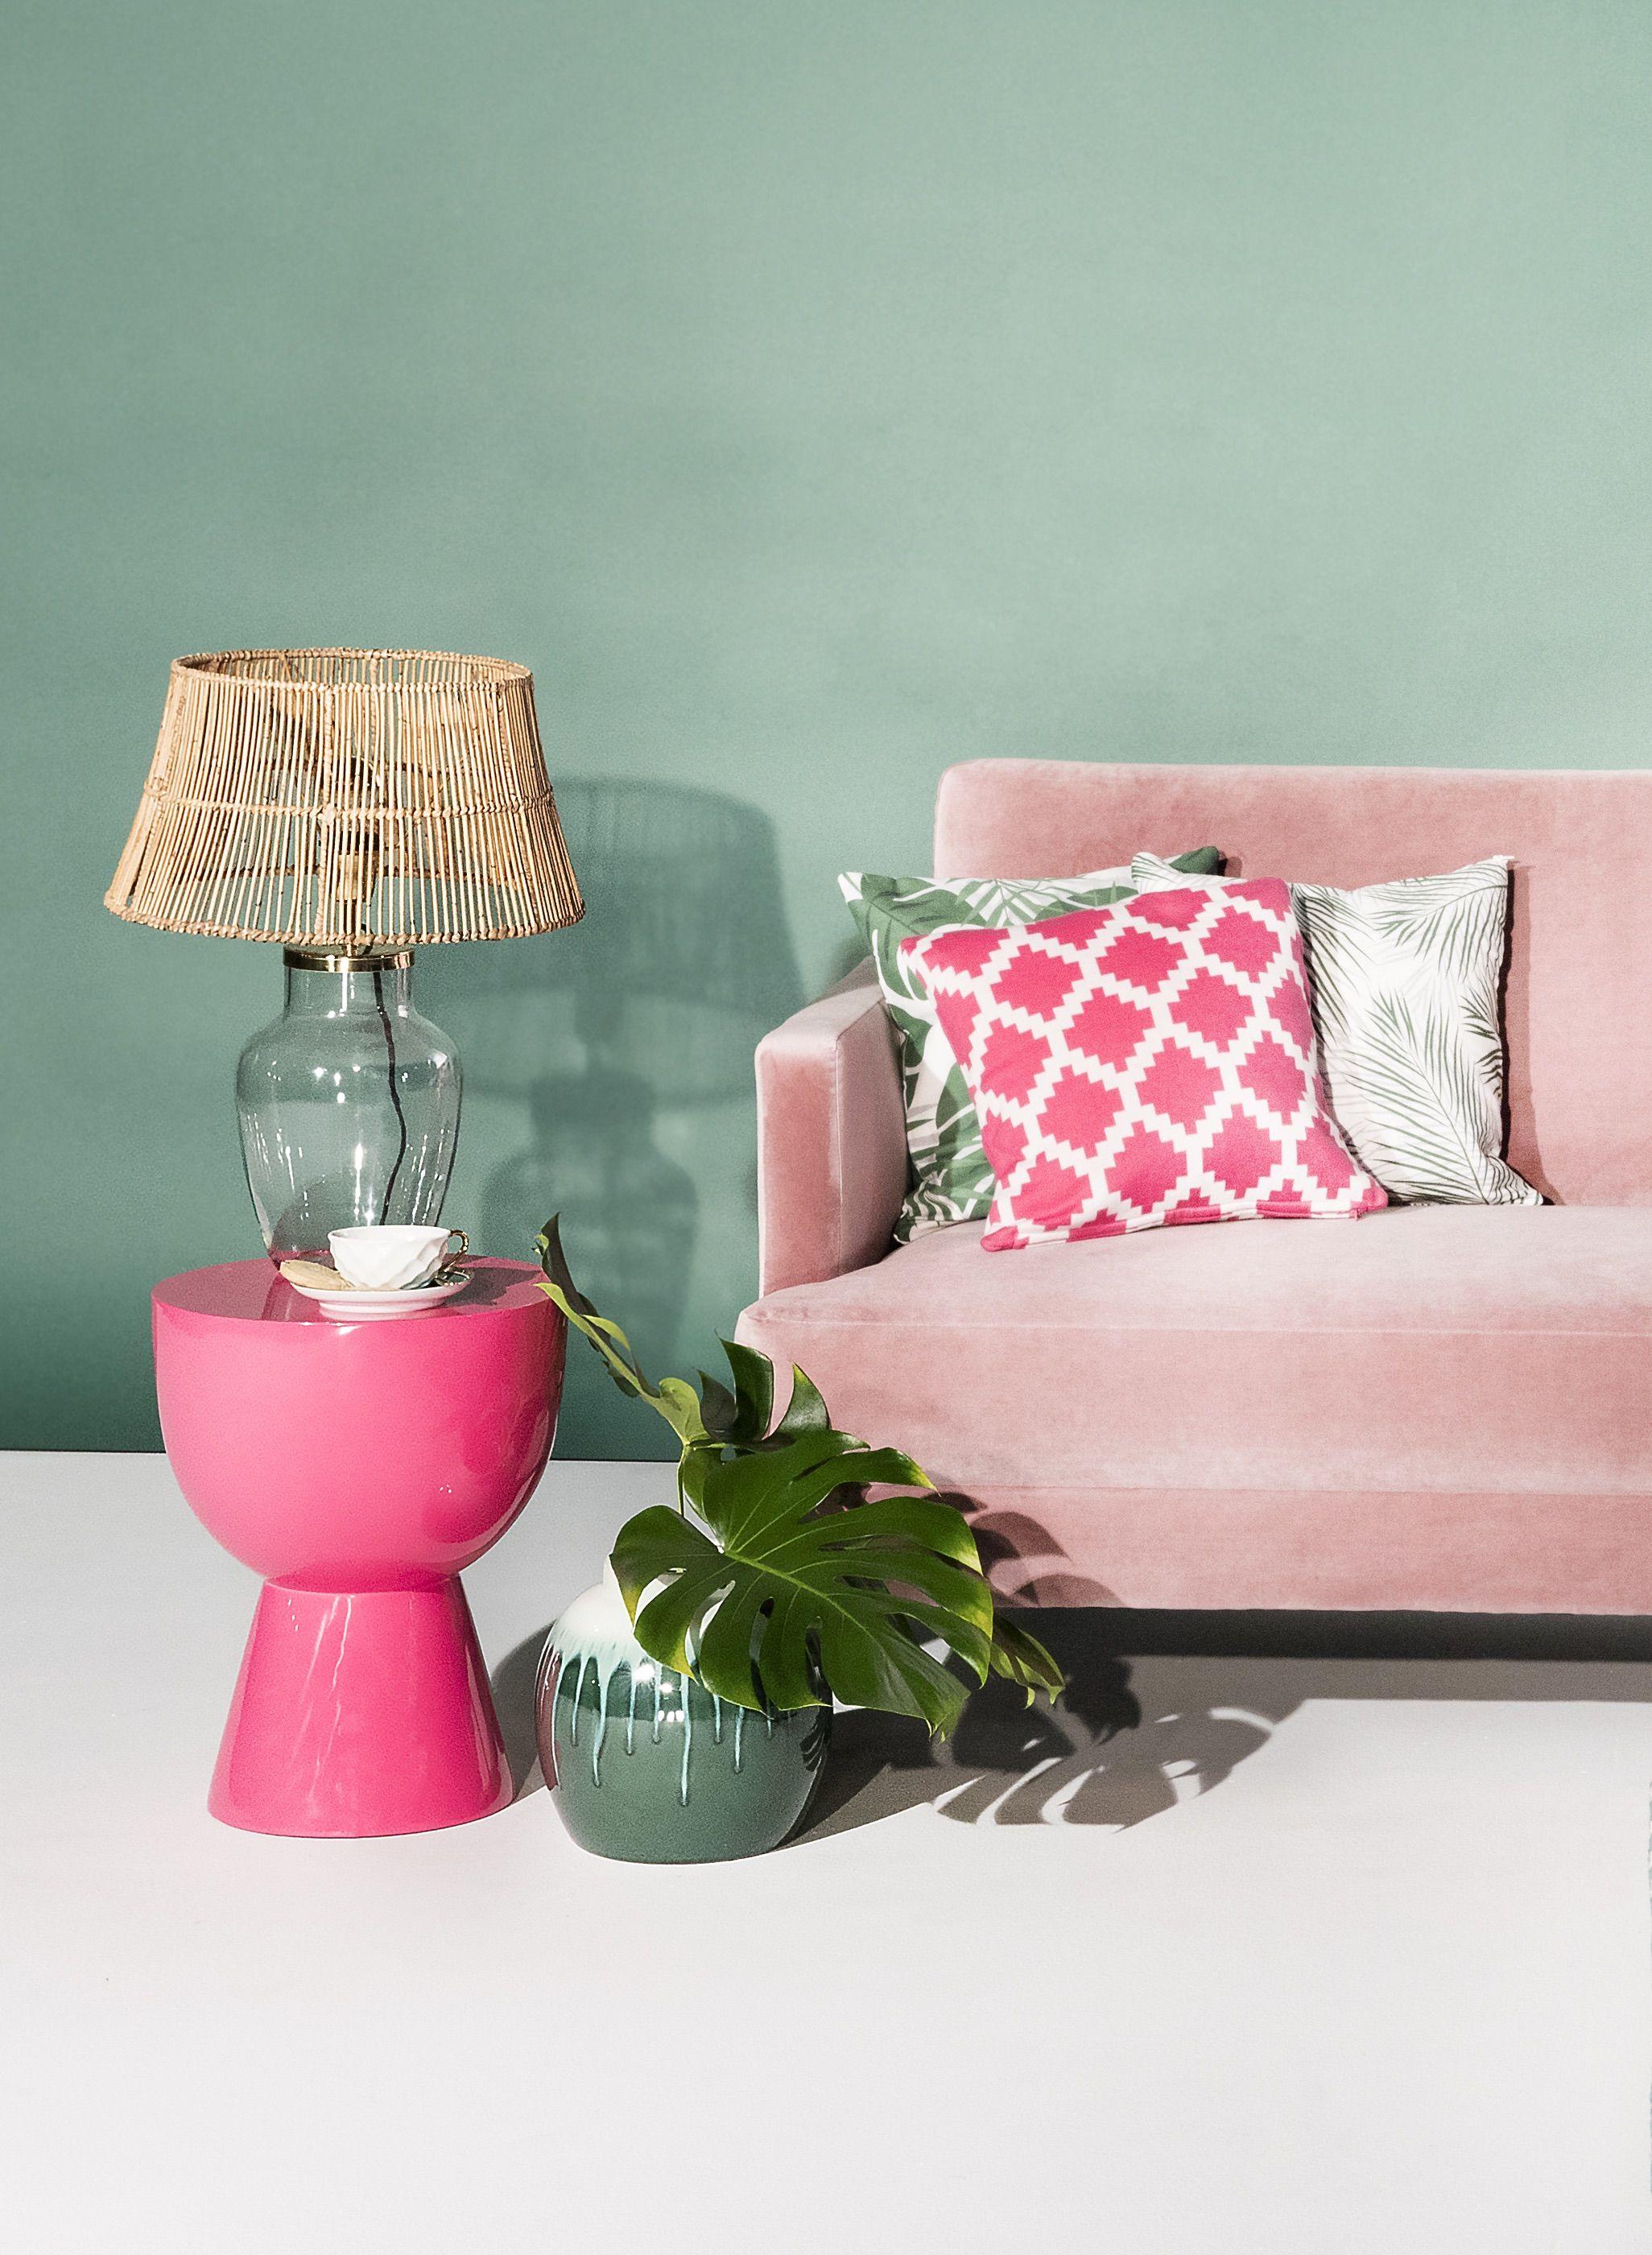 Unser Lieblings Samt Sofa Trifft In Diesem Farbenfrohen Tropen Style Auf  Bunte Kissen, Naturmaterialien Wie Rattan Und Palmblätter Und Eine Saftig  Grüne ...